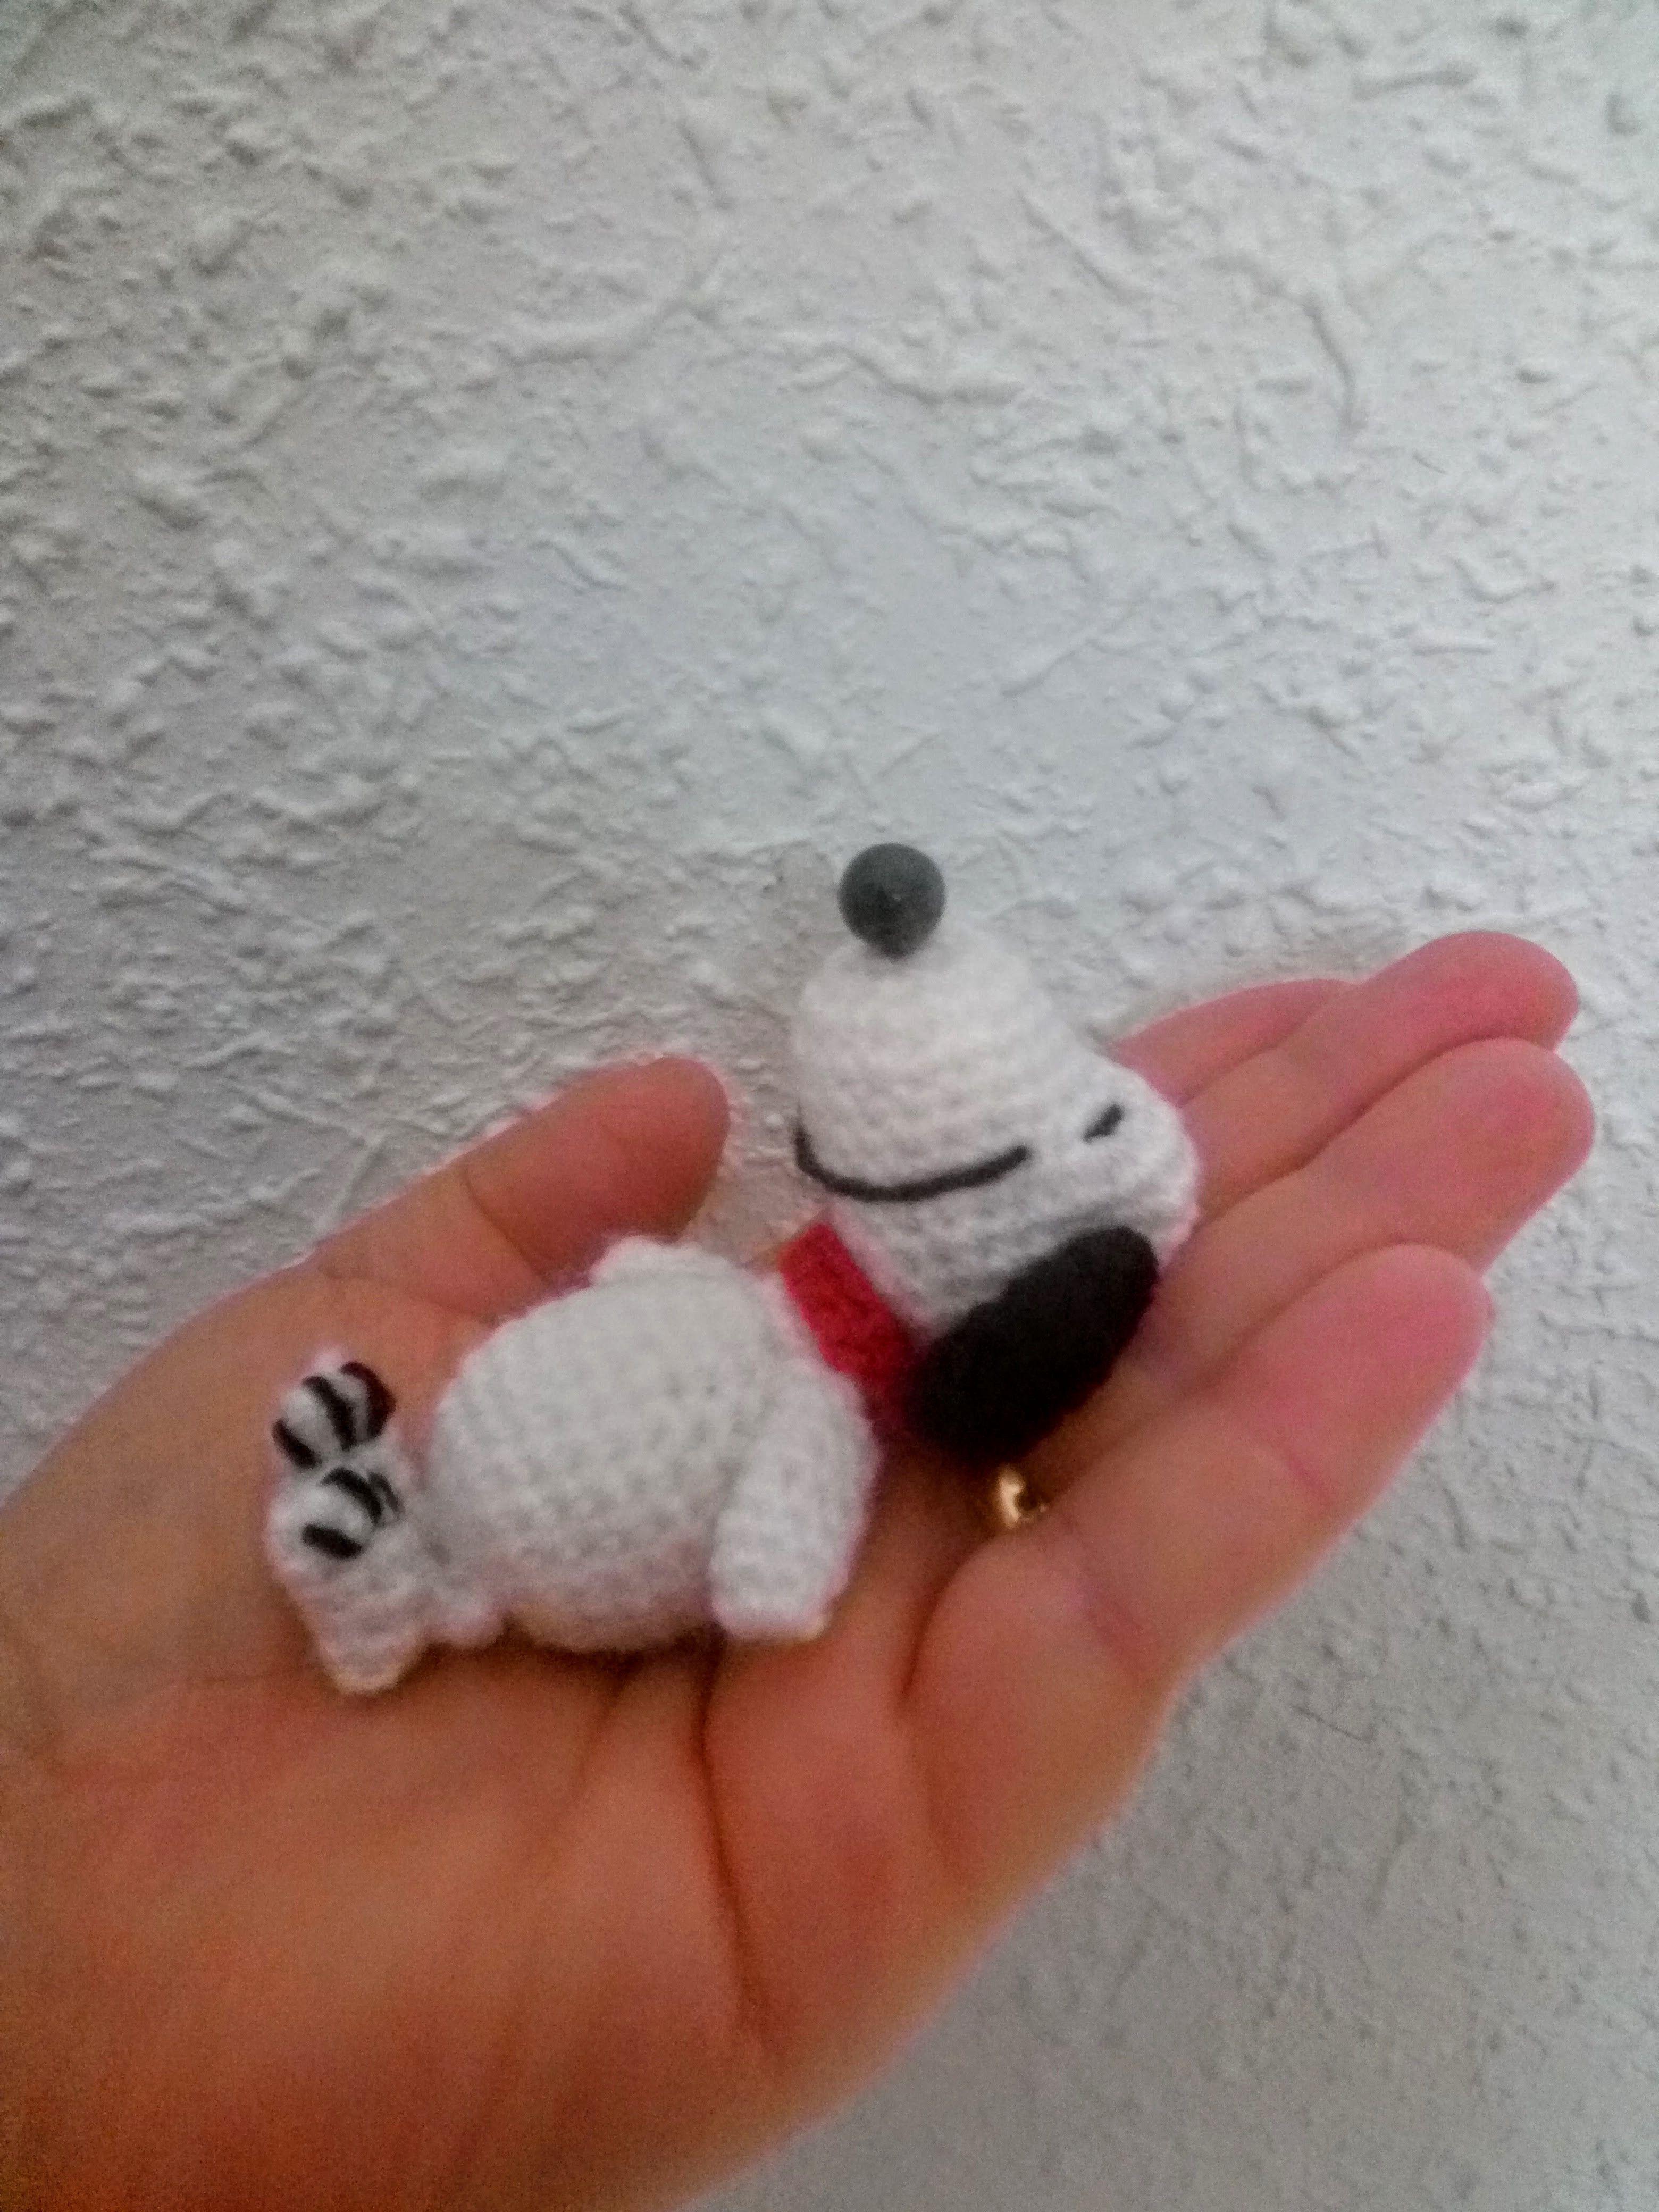 Snoopy pequeño  #handmade #crochet #ganchillo #amigurumi  http://amigurumilacion.blogspot.com.es/2016/01/snoopy-amigurumi-tutorial.html  https://www.facebook.com/ovilladans/